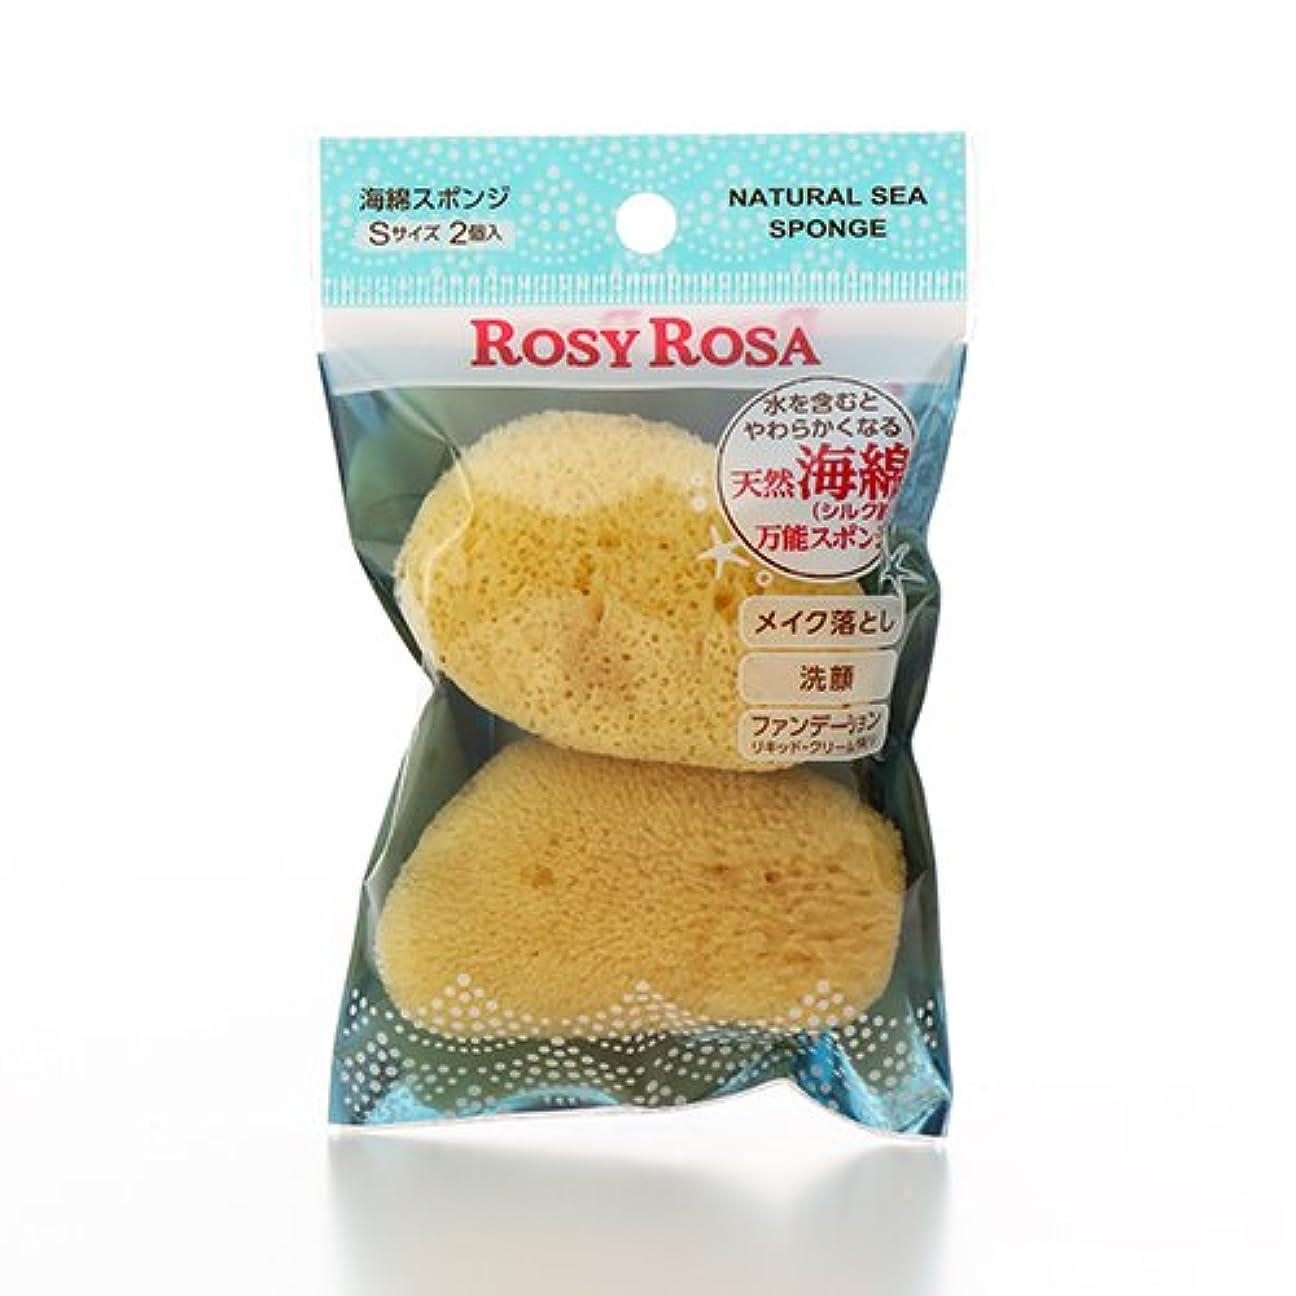 ロージーローザ 天然海綿スポンジ Sサイズ 2個入 【水を含むとやわらかくなる天然海綿(シルク種) メイク落とし、洗顔、ファンデーションに】